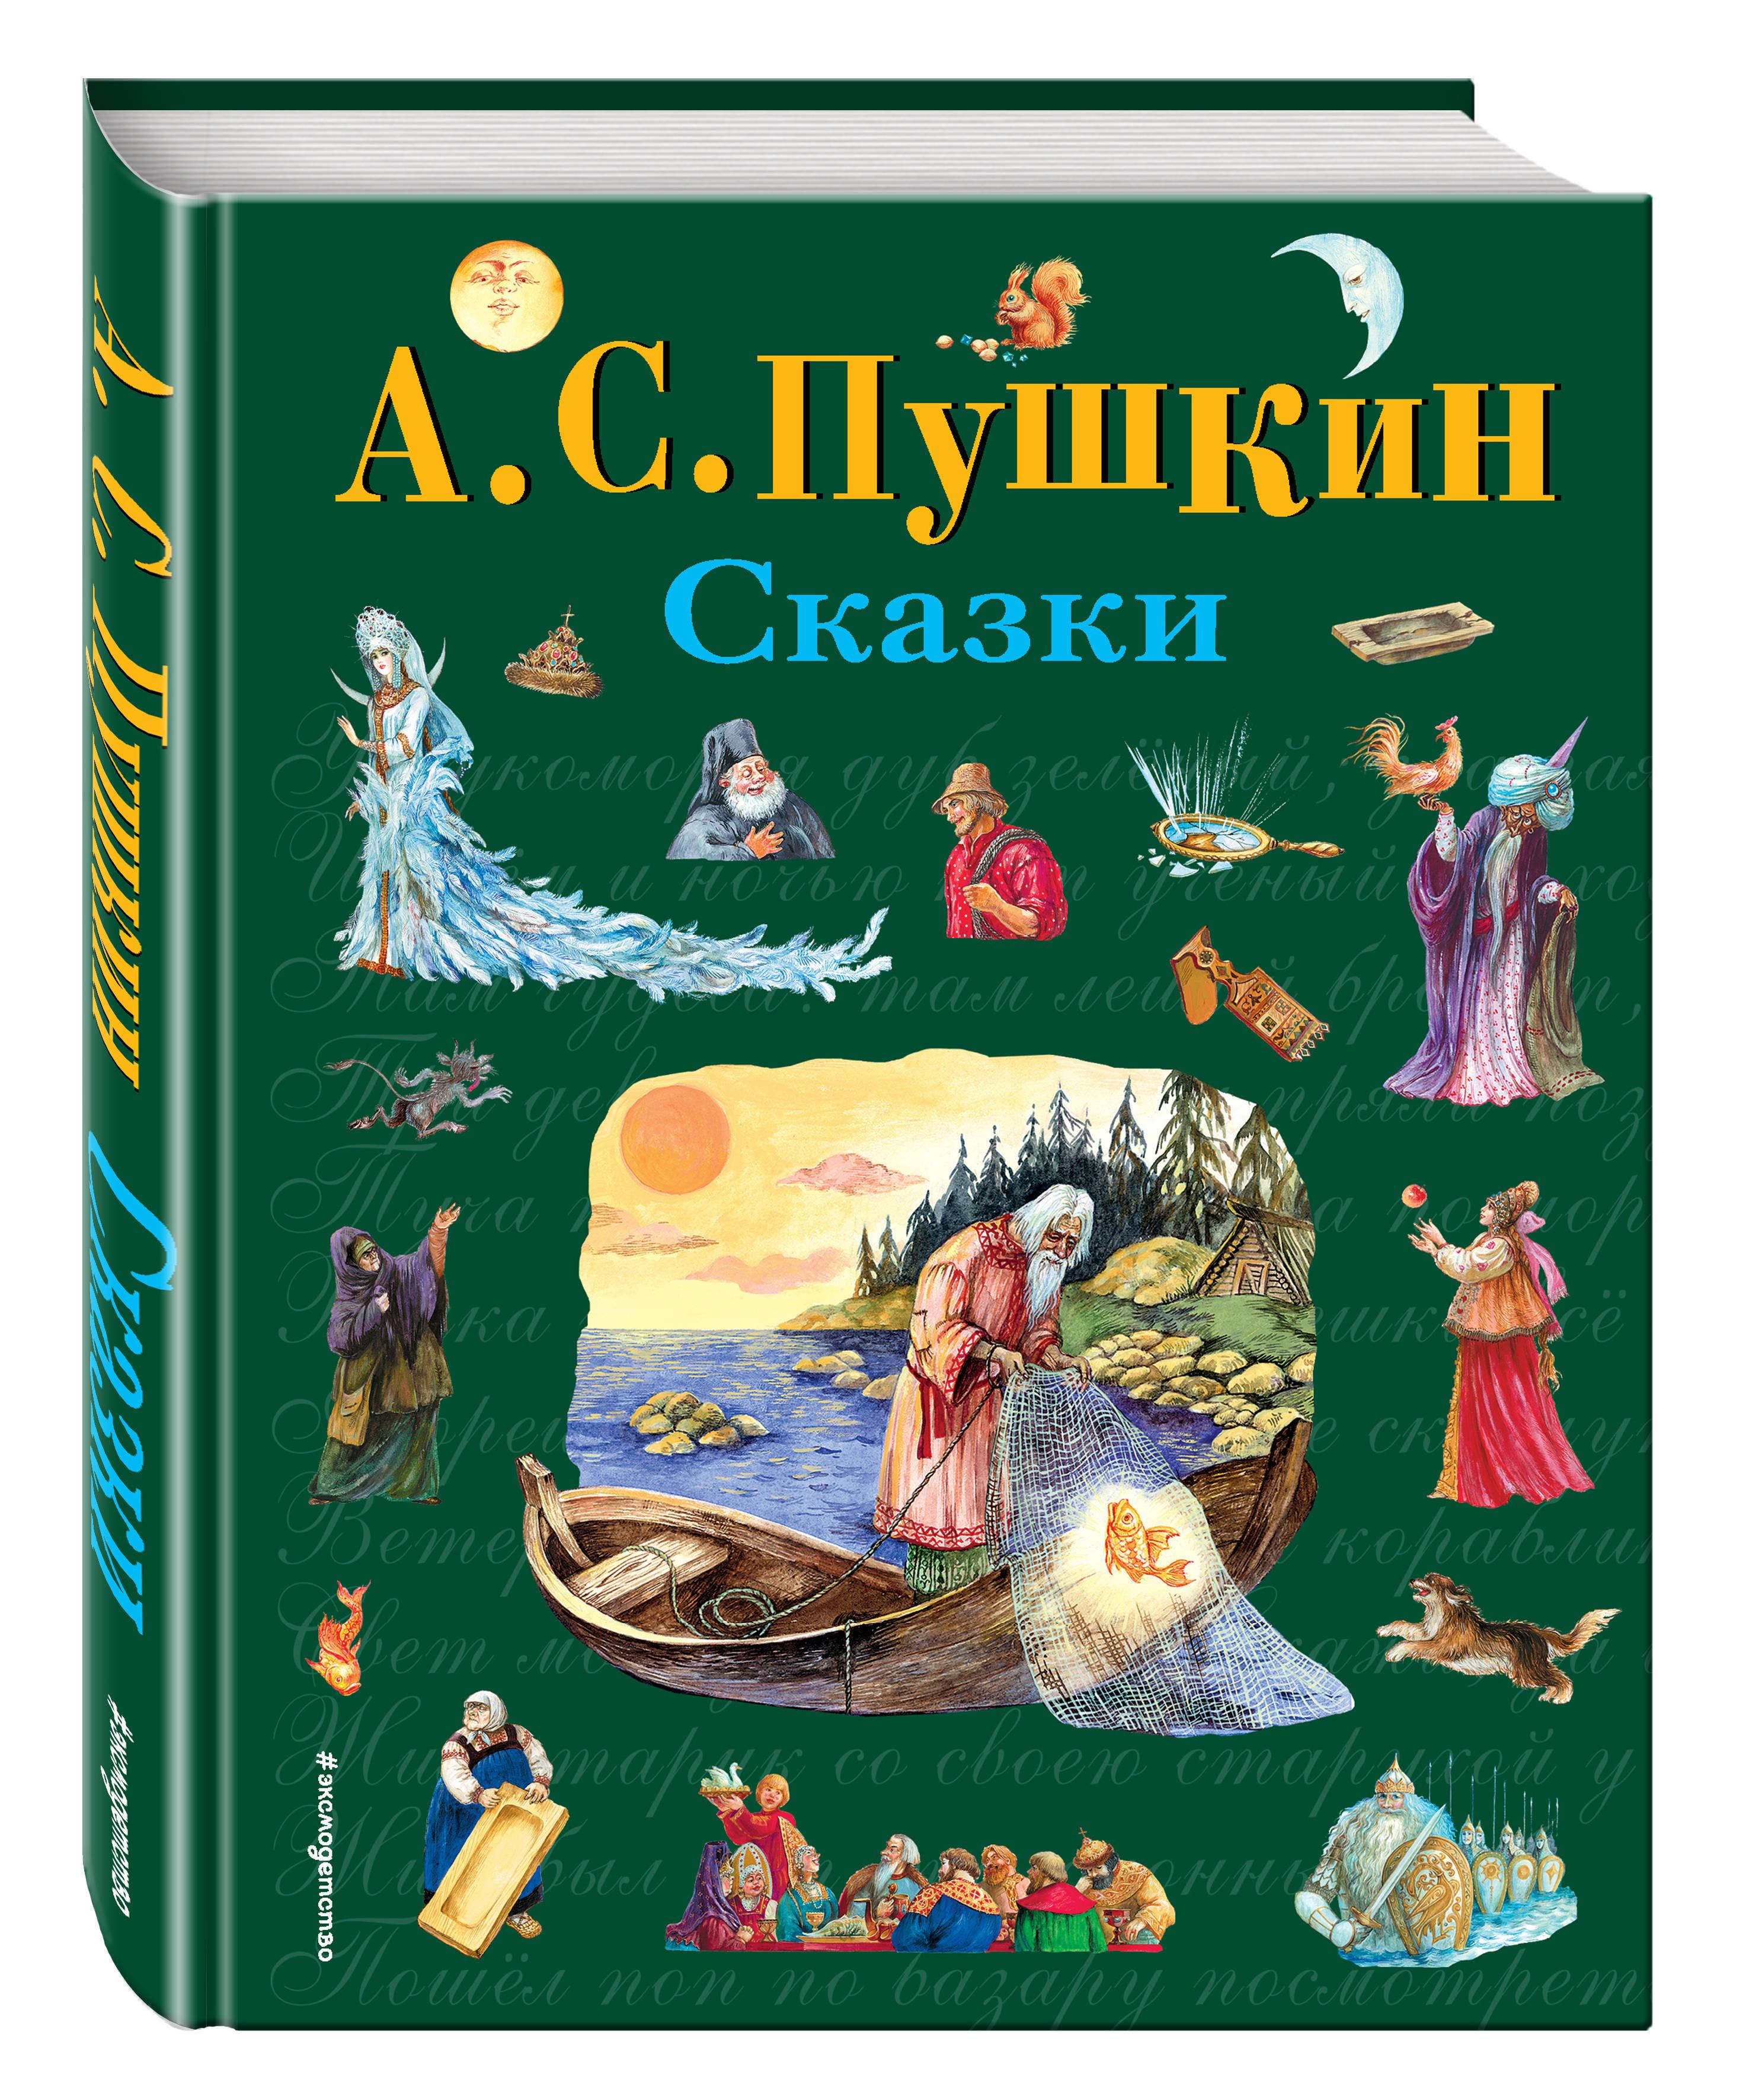 сказки александра пушкина с картинками порыв миновал